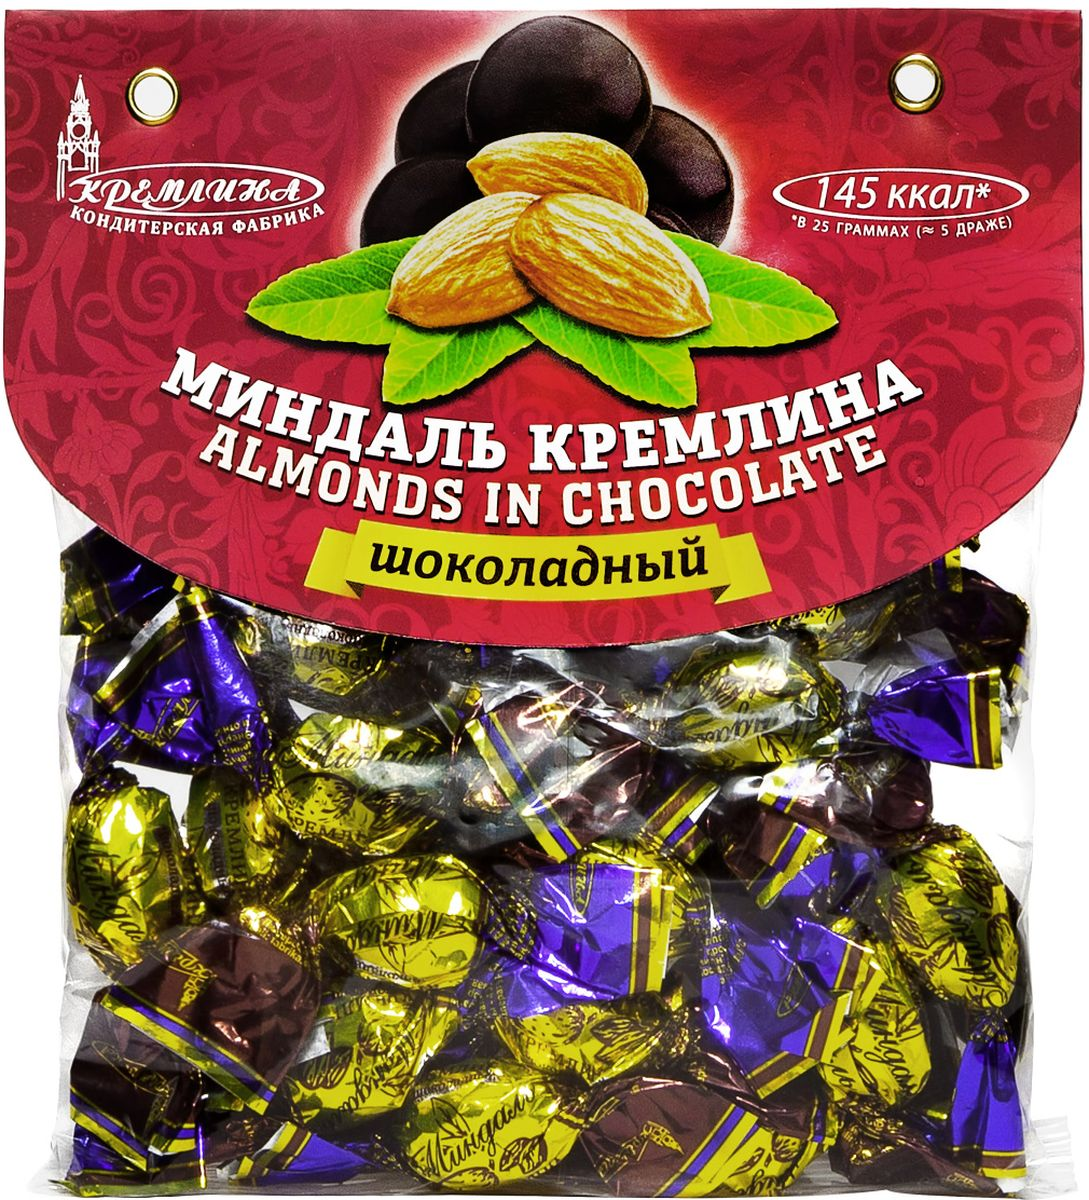 Кремлина Миндаль в шоколаде, 135 г4607039271058Полезные свойства миндаля известны всем.Сочетая прекрасный вкус, большое количество масел и минералов, миндаль в шоколаде может стать приятным и здоровым перекусом для вас